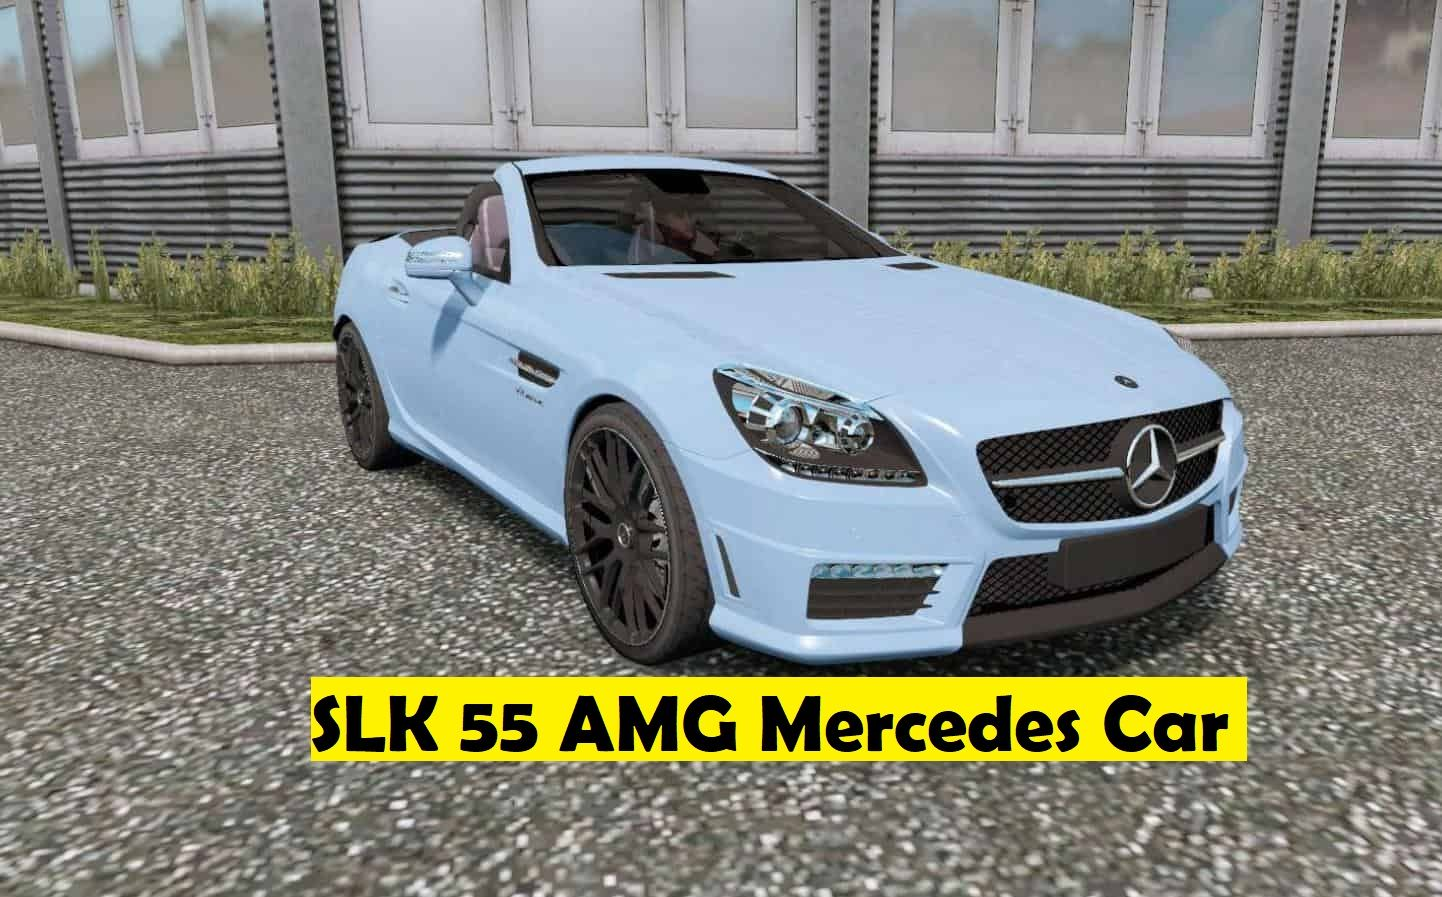 Mercedes Benz Car Mod Slk 55 Amg For Ets2 1 36 In 2020